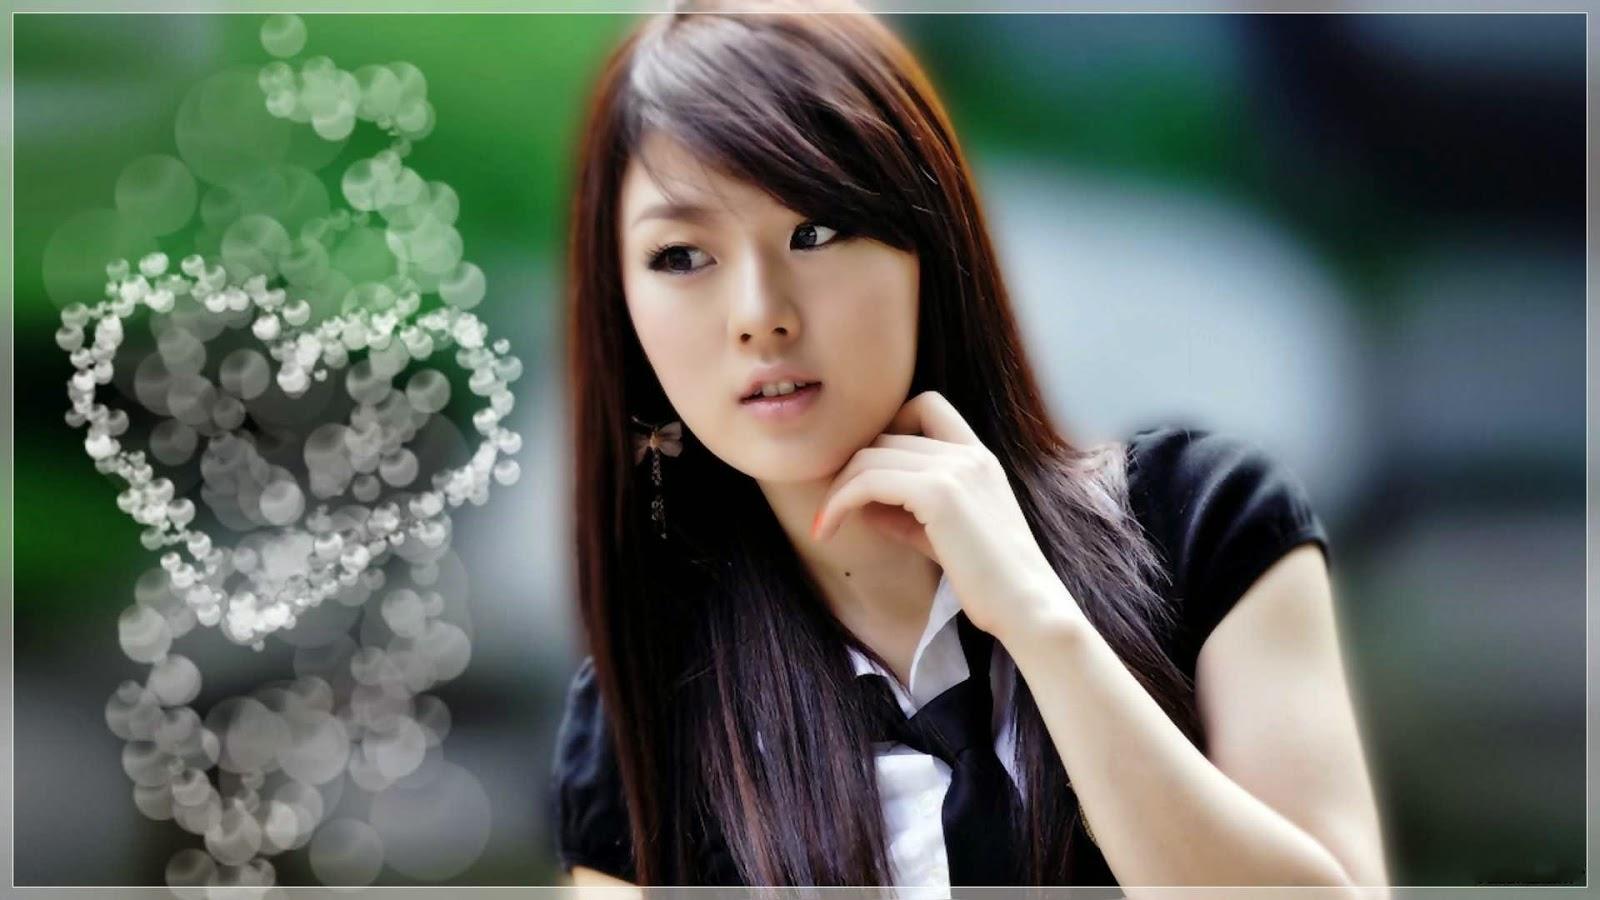 بالصور بنات كورية , البنات اسيا واجمل بنات كوريا 402 6